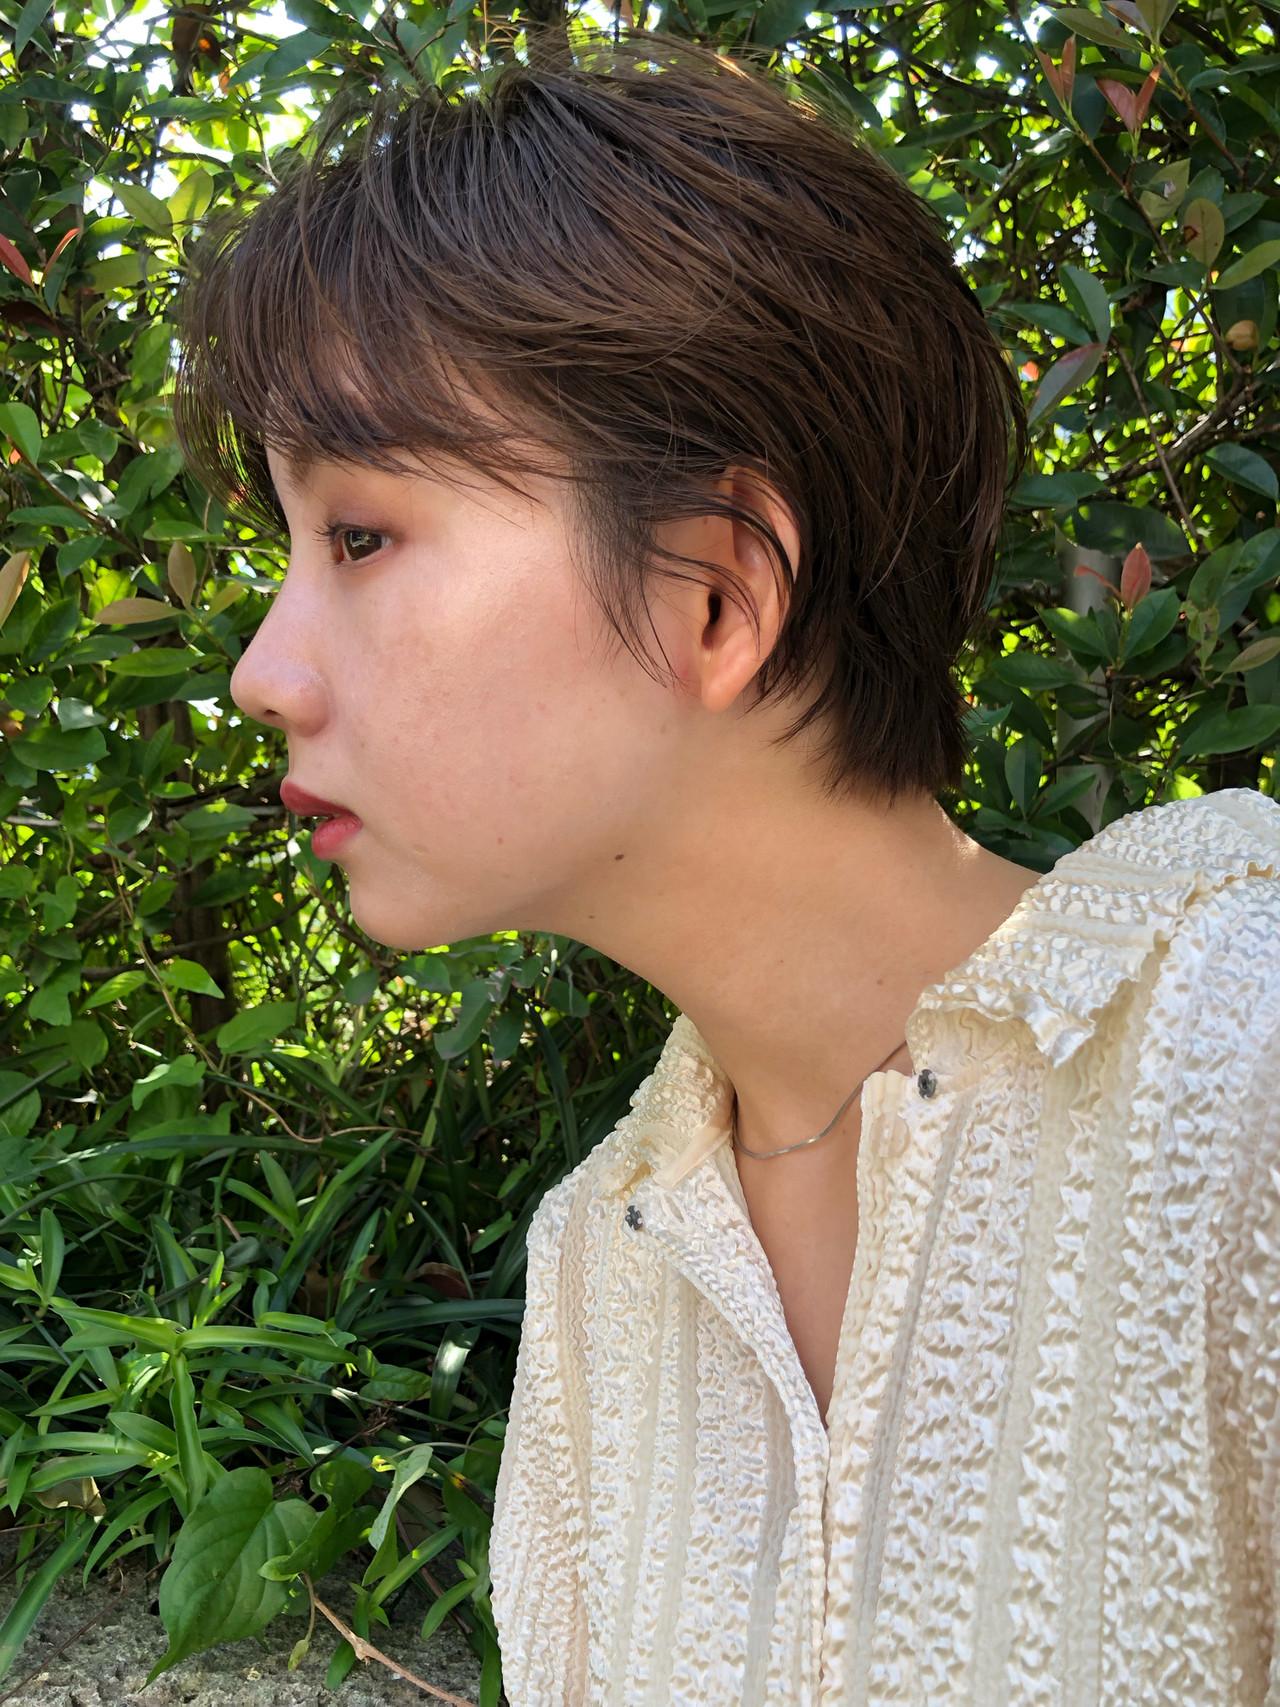 ショートボブ ショート ナチュラル ベリーショート ヘアスタイルや髪型の写真・画像 | Kohei assort tokyo / assort tokyo